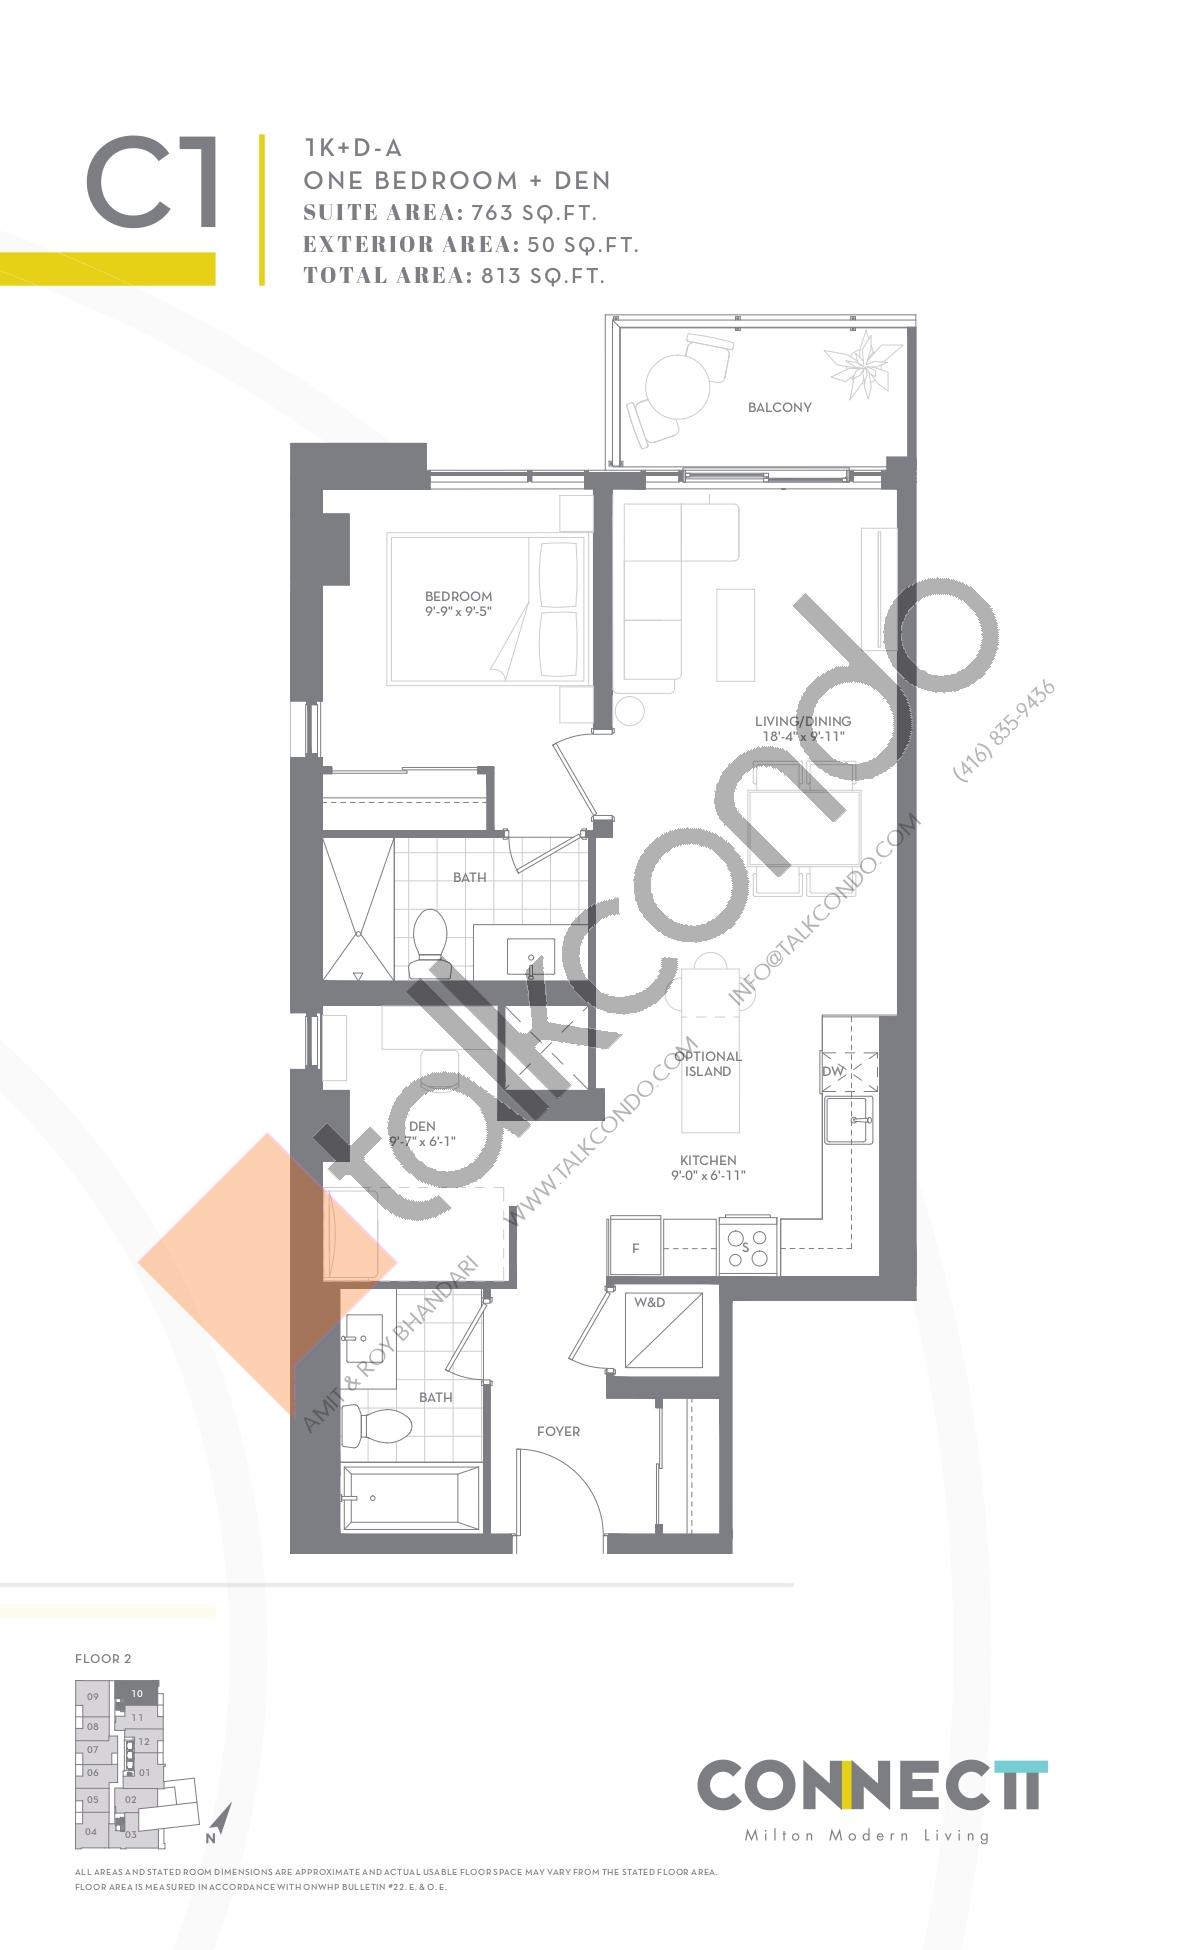 1K+D-A Floor Plan at Connectt Urban Community Condos - 763 sq.ft